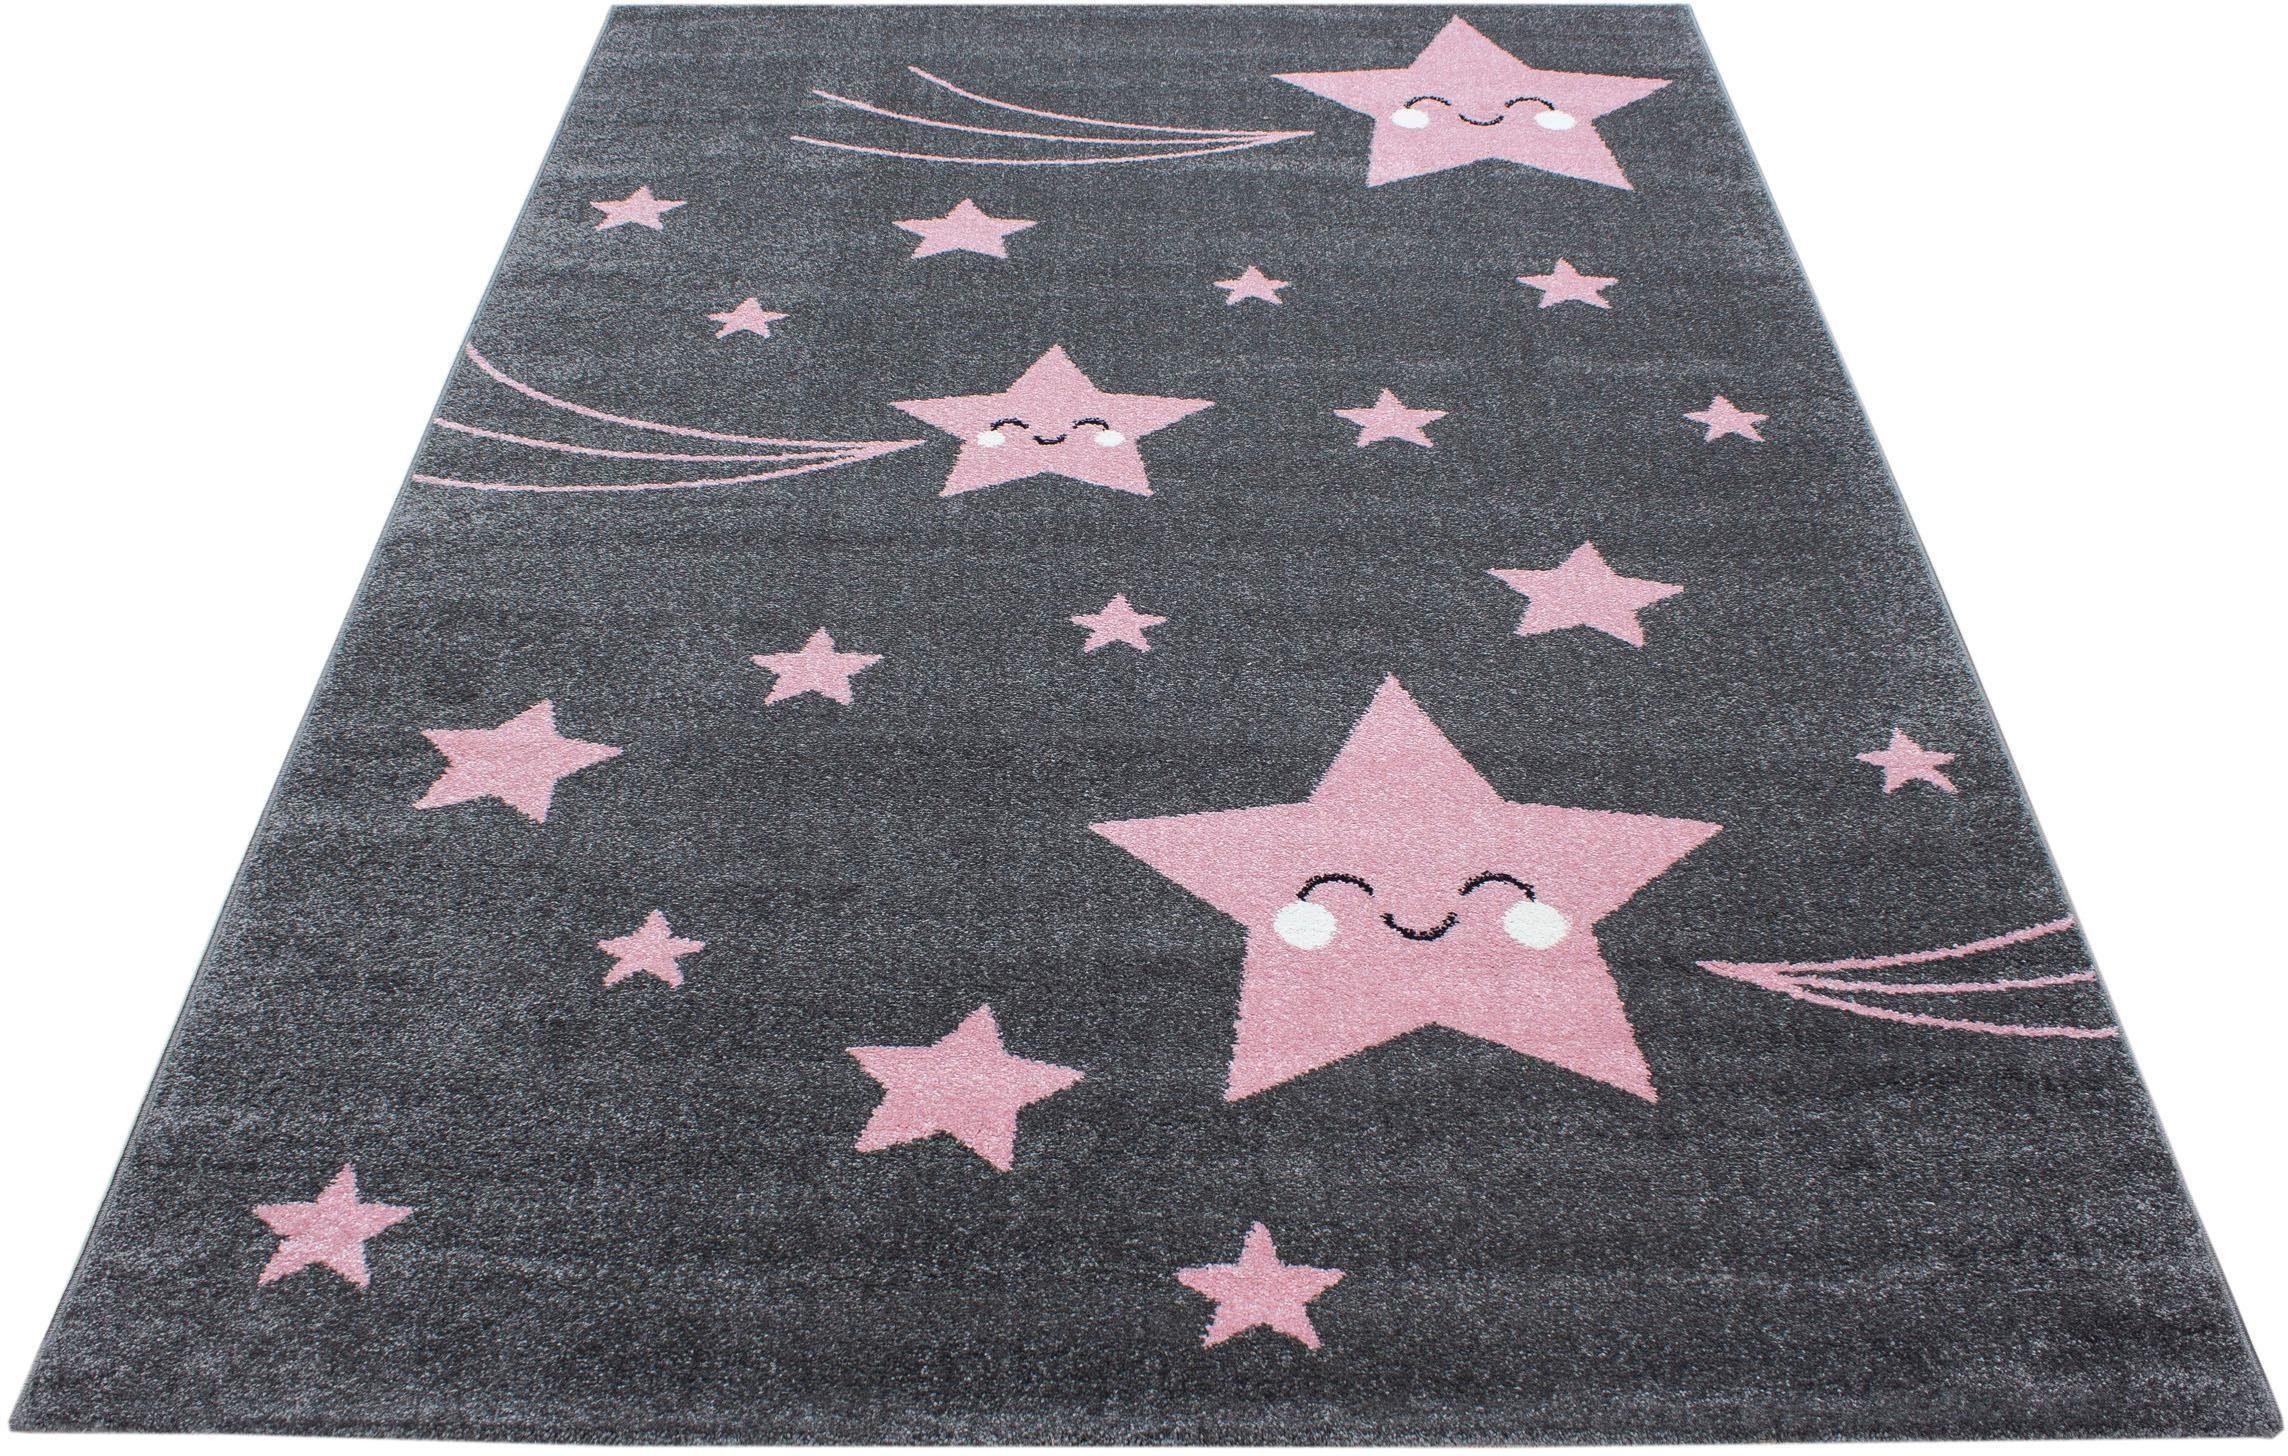 Vloerkleed Kinderkamer Roze : Vloerkleed voor de kinderkamer kids « ayyildiz teppiche